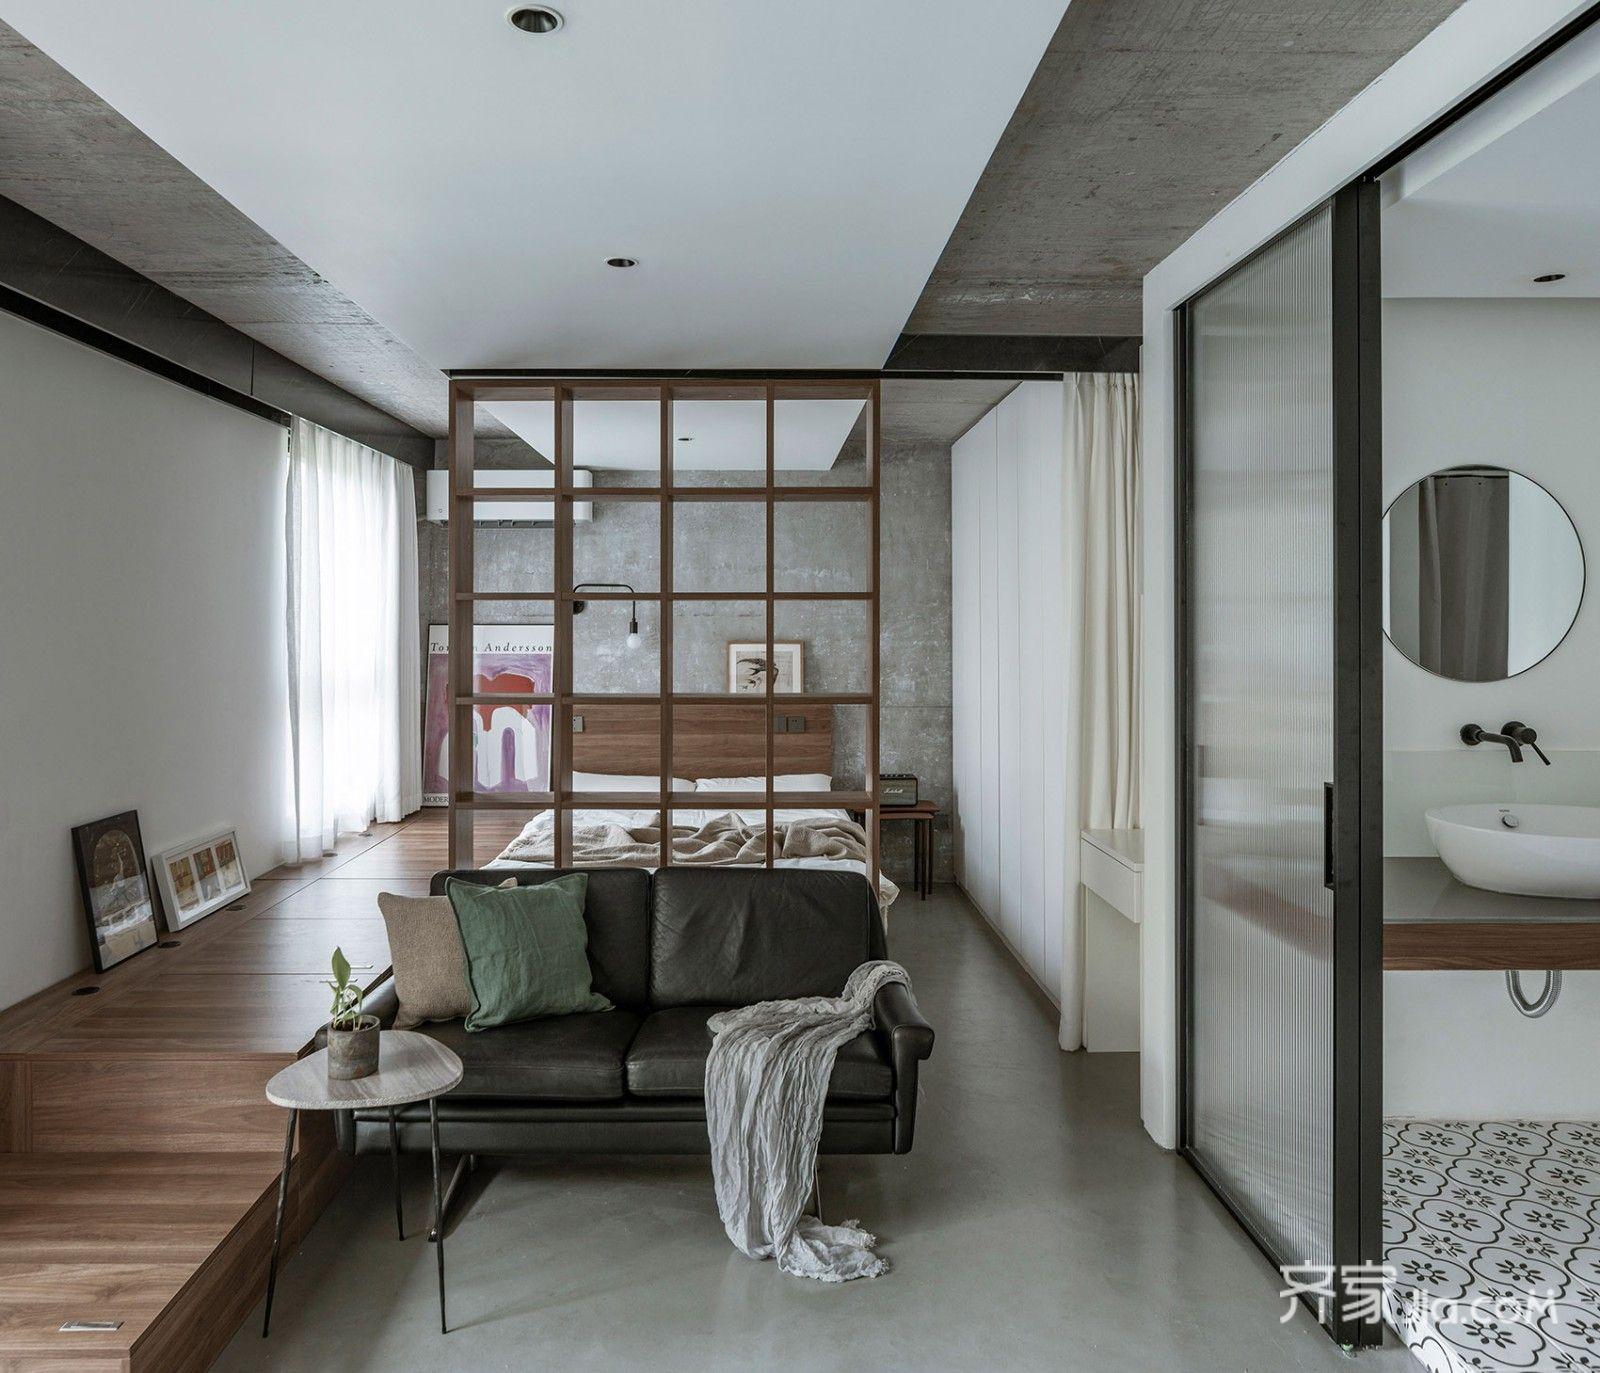 4万45平米现代小户型/一房装修效果图,房屋改造装修图